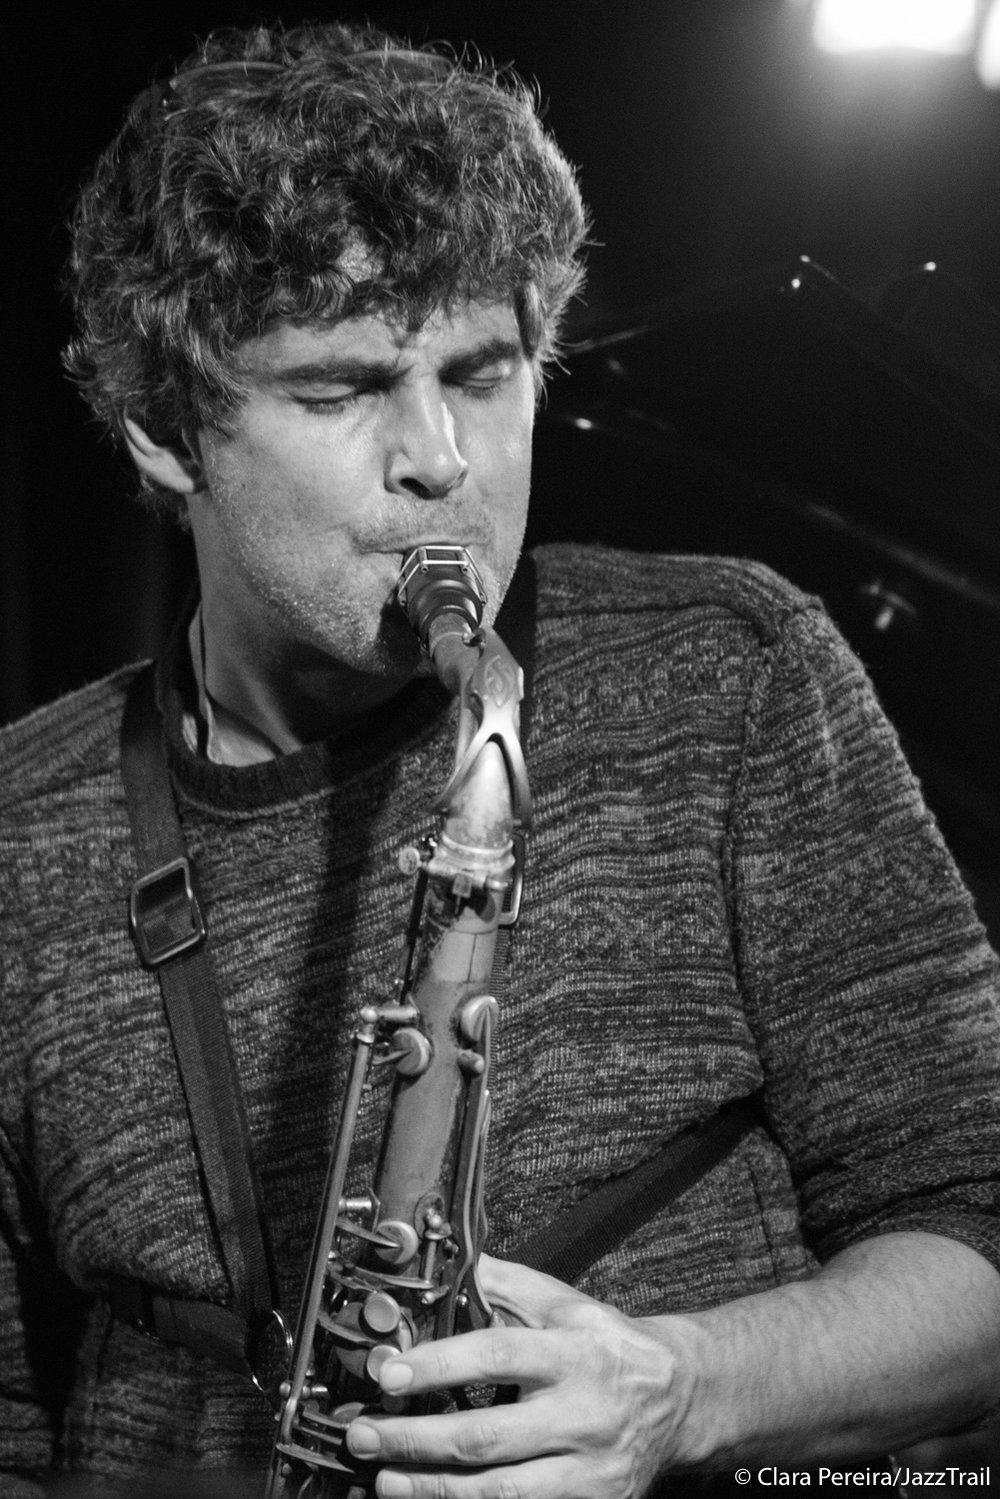 Andrew Rathbun, 2017